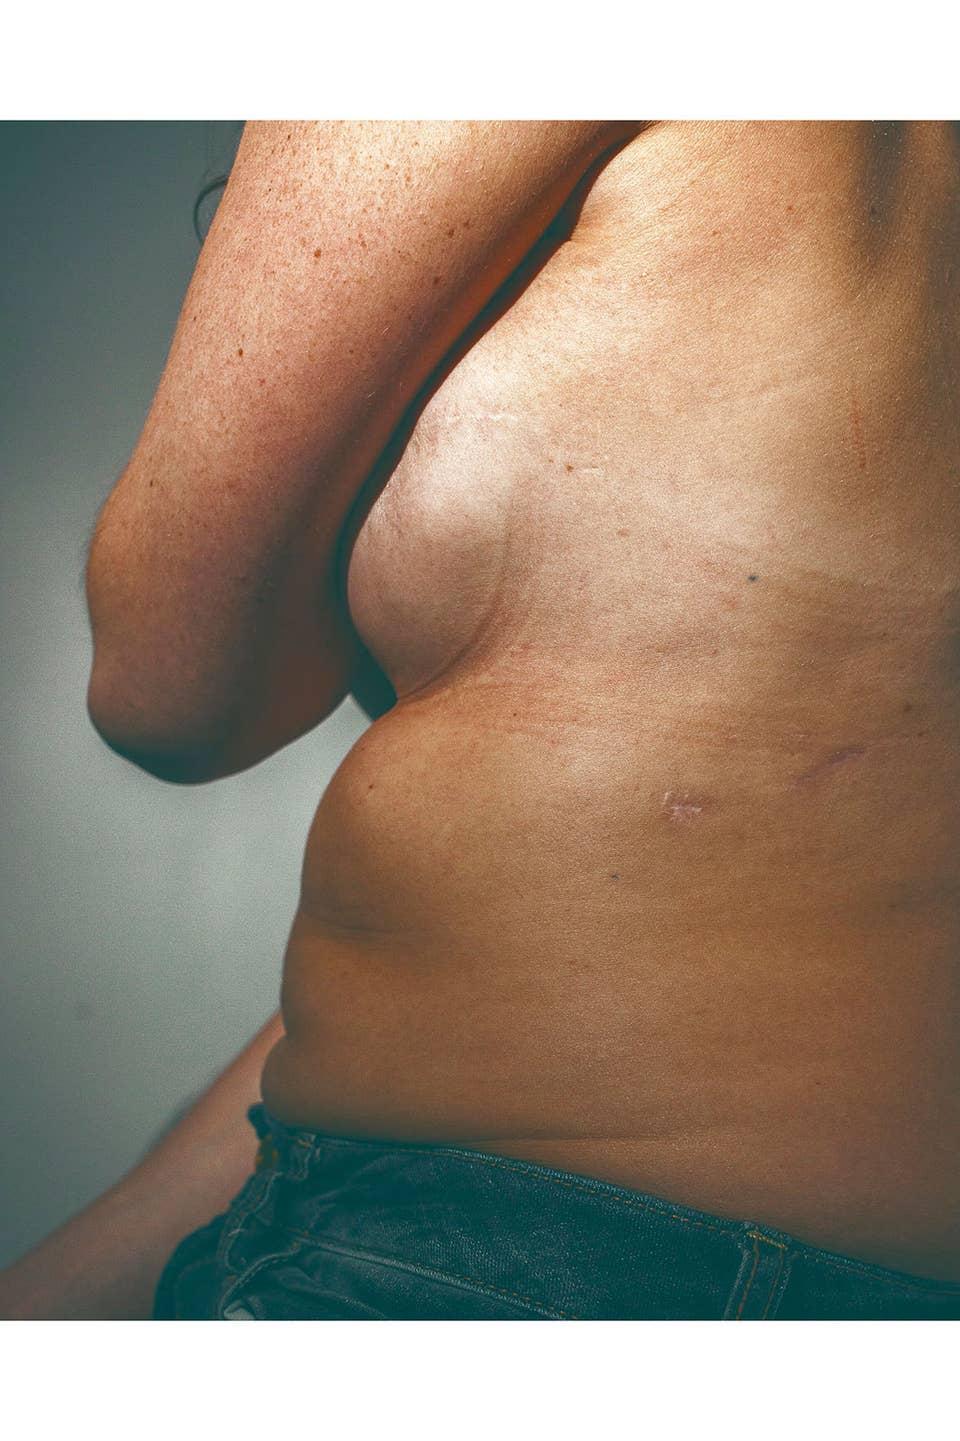 Aus wie sieht brustkrebs Wie Sieht